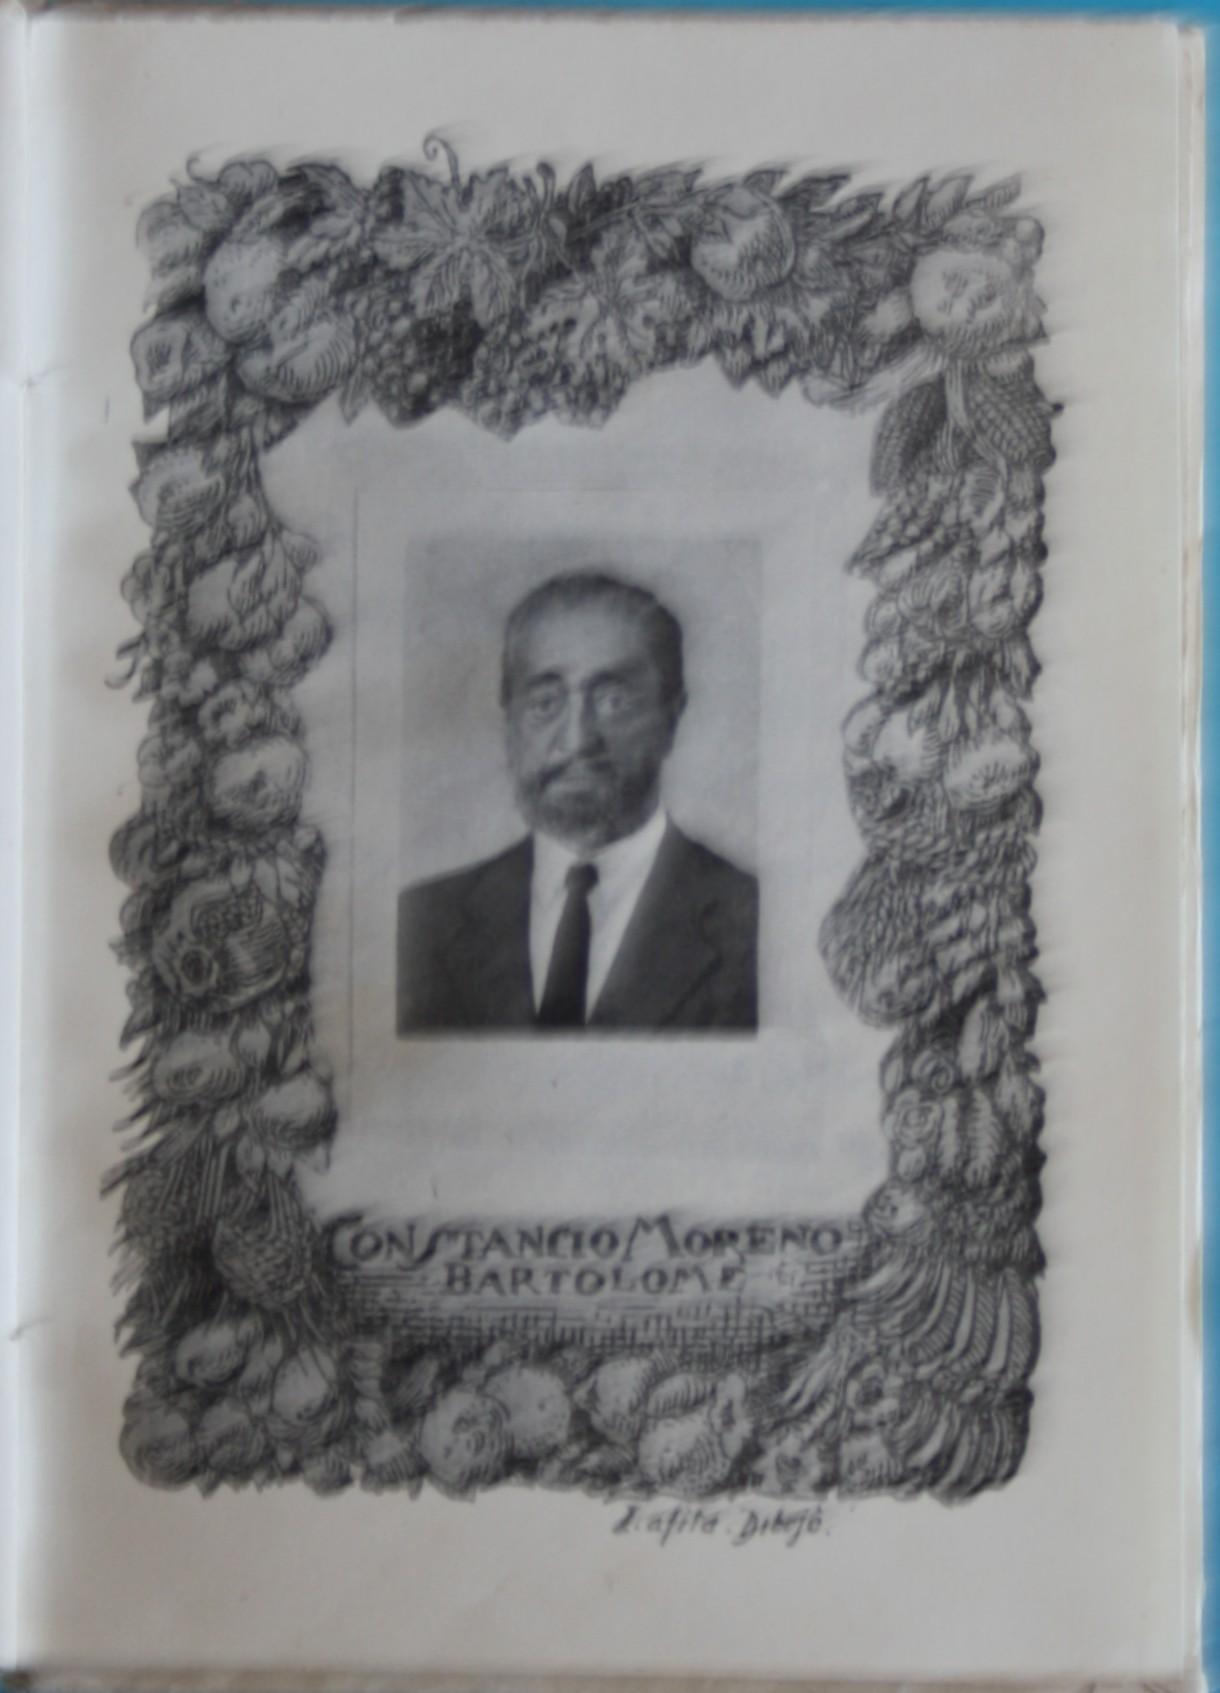 Una fotografía de don Constancio